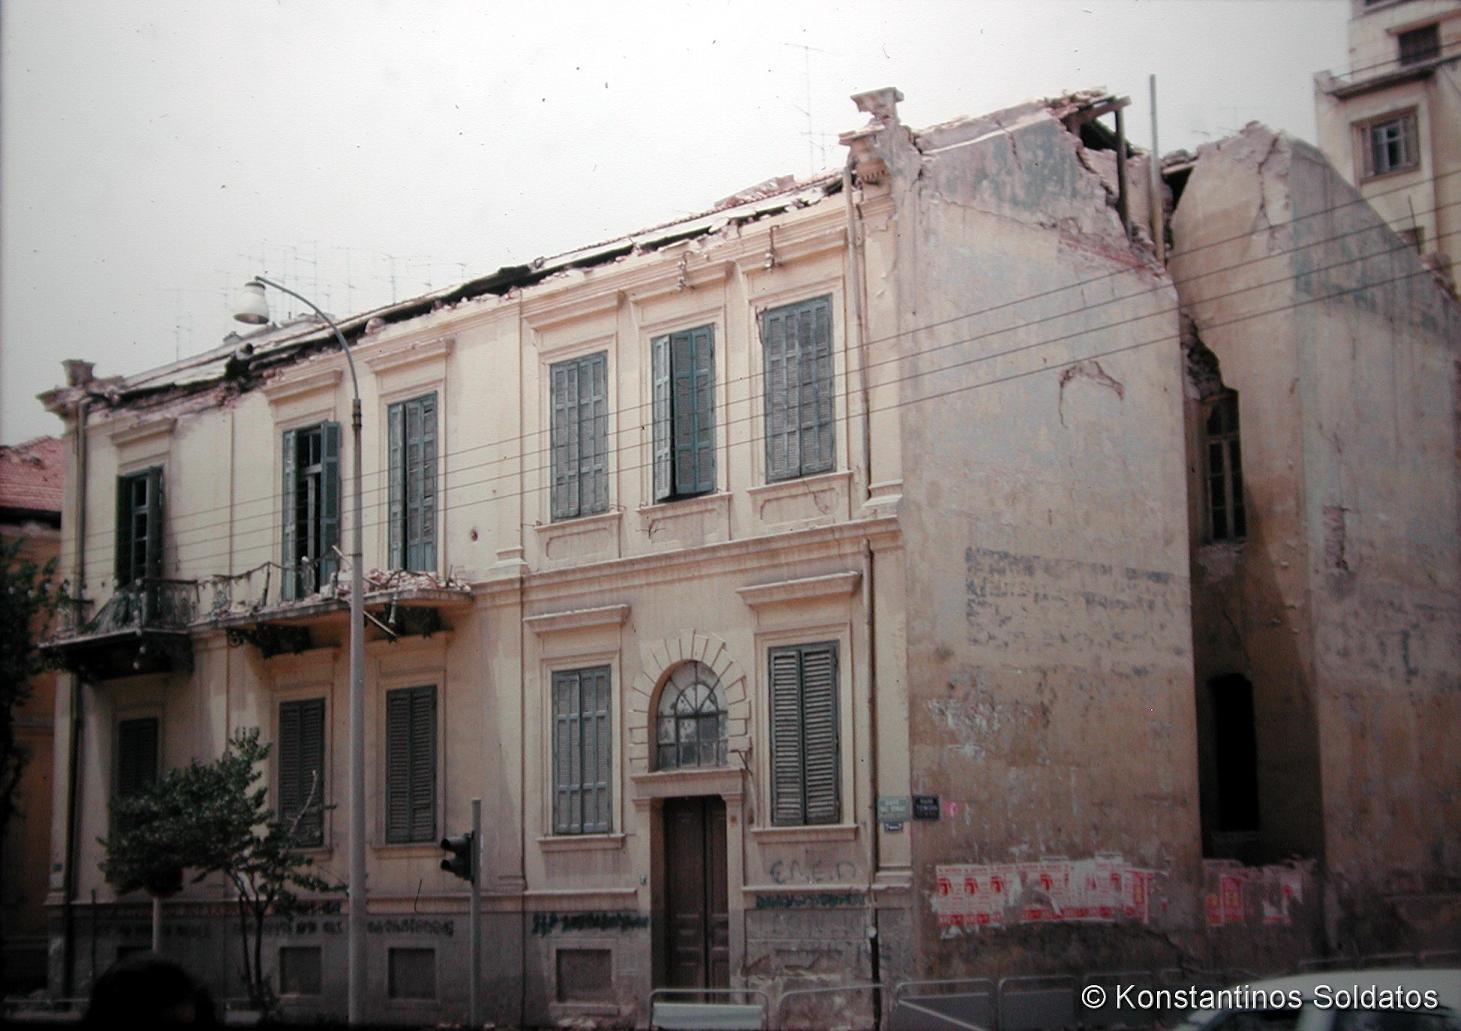 Ζημιές στα Παλαιά Δικαστήρια (το σημερινό κτίριο της Τράπεζας Πειραιώς). Οδοί Τσιμισκή και Εθνικής Αμύνης